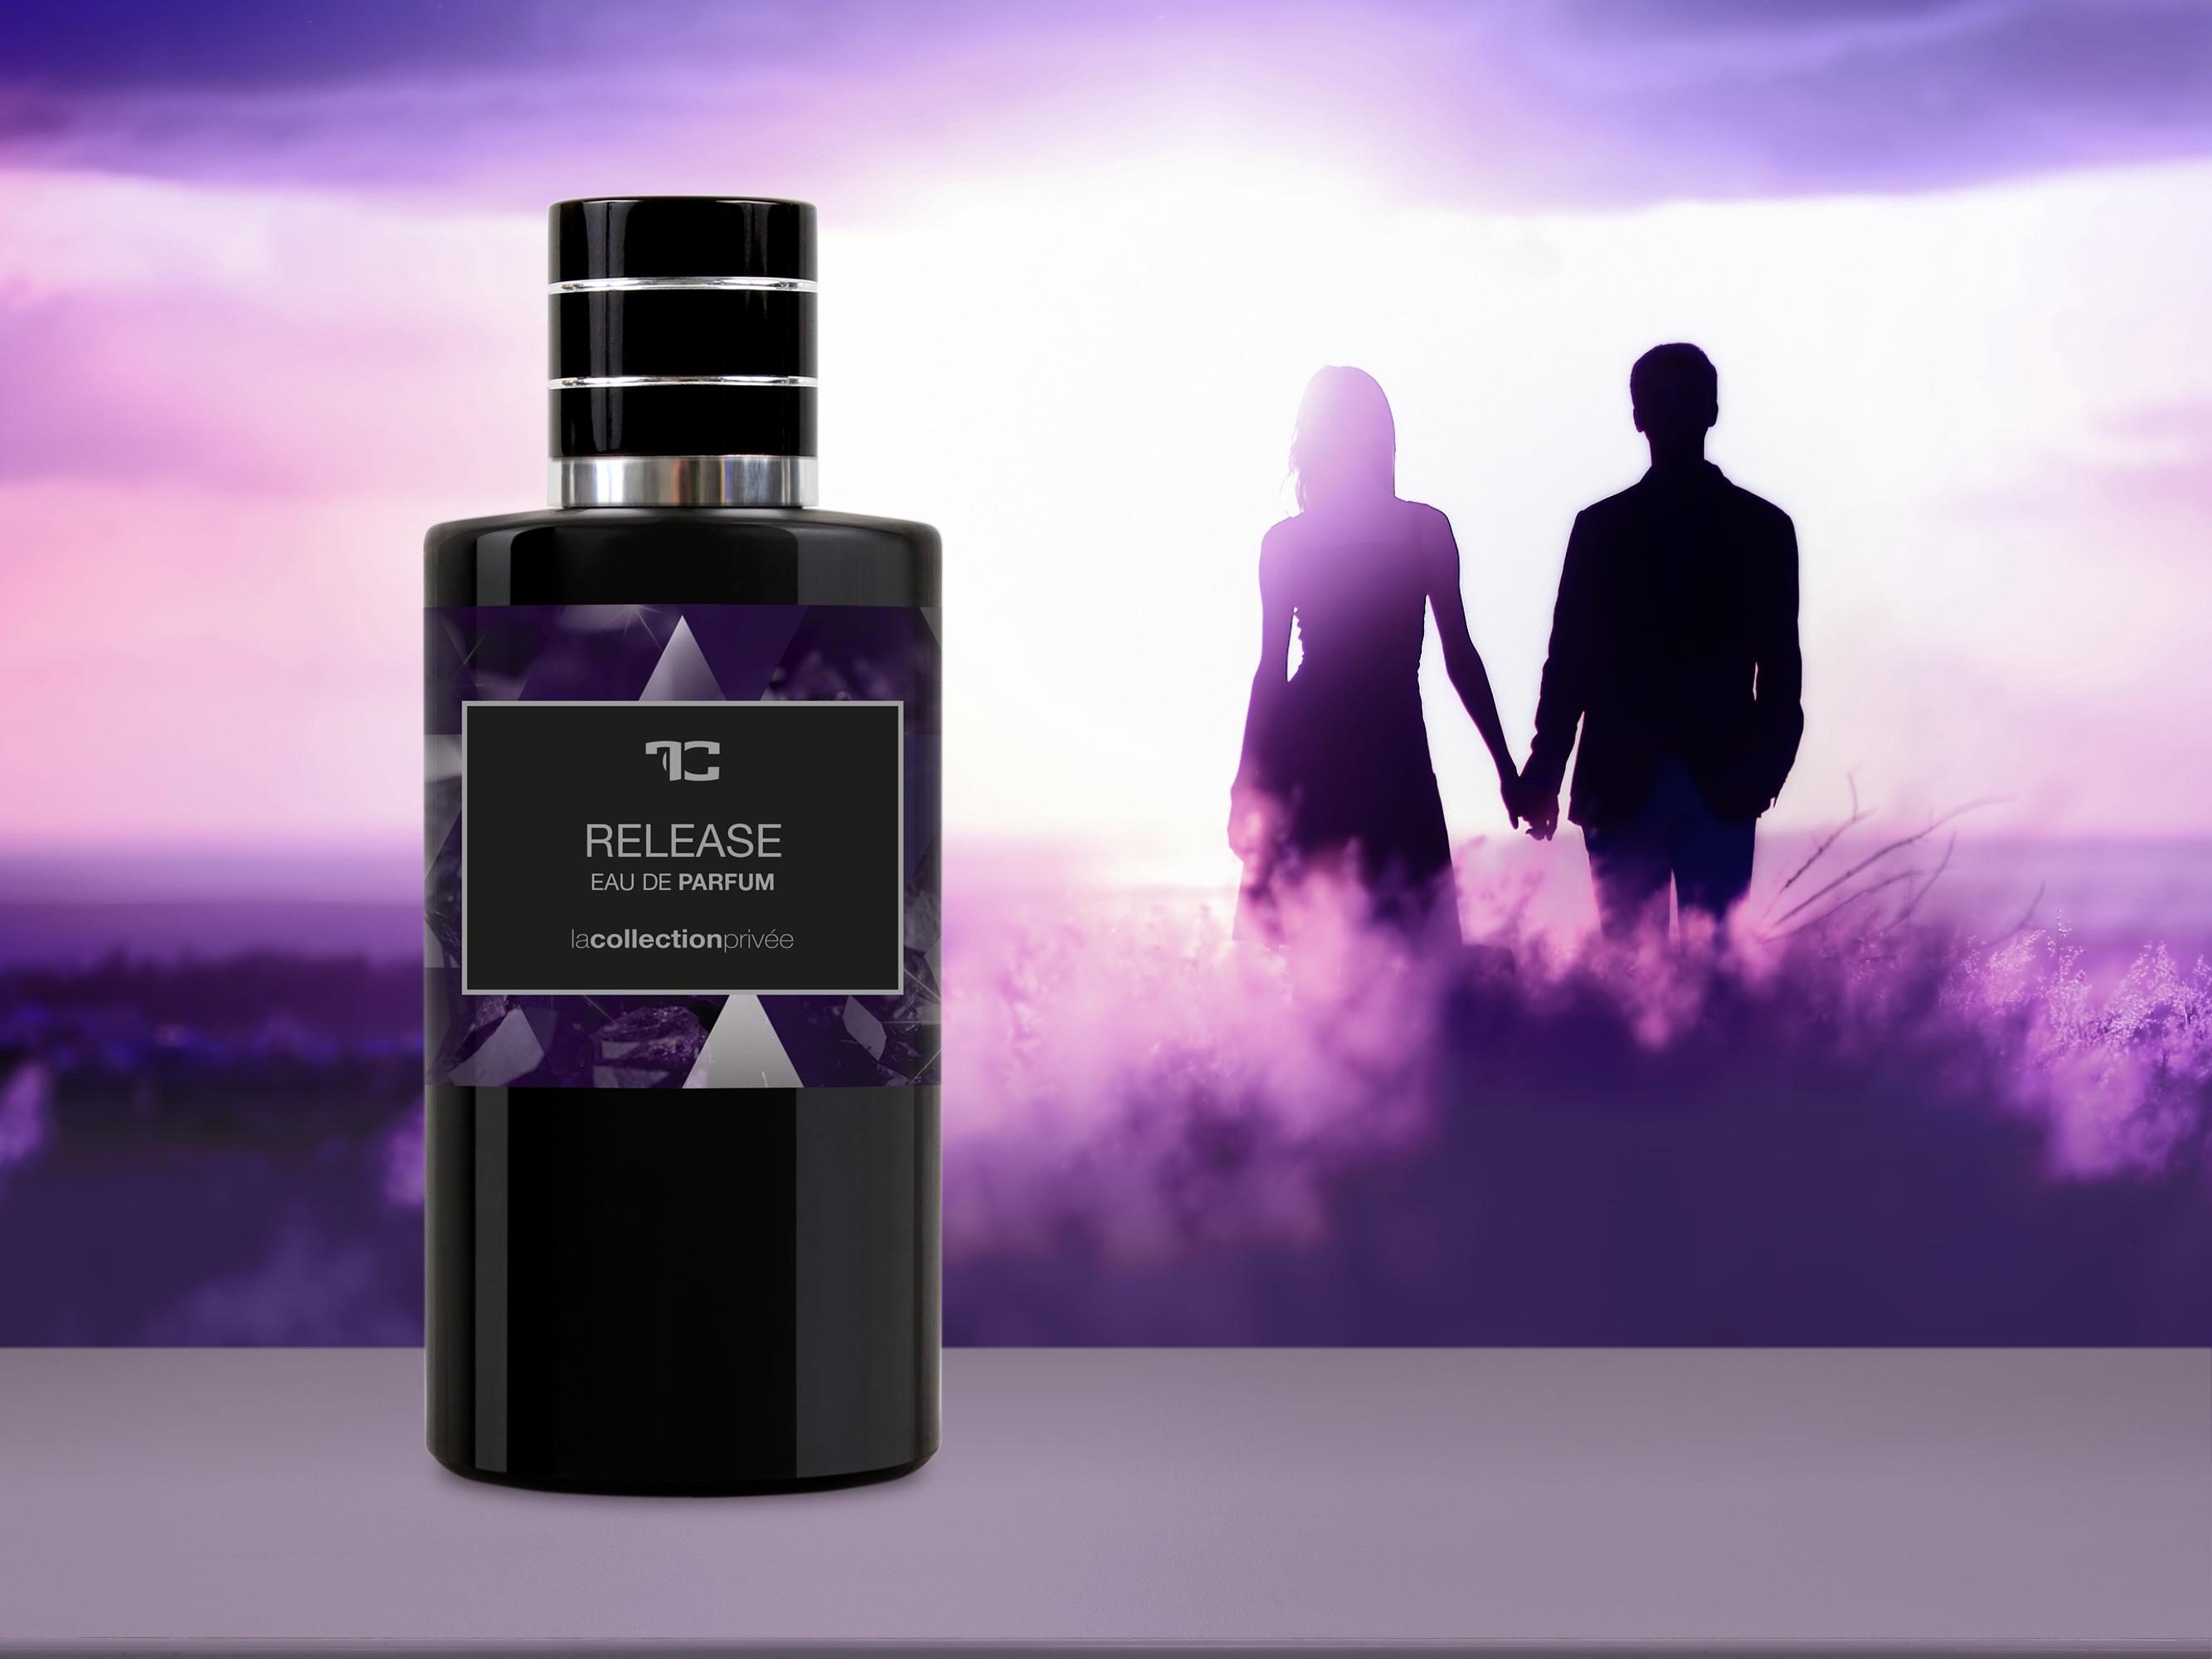 EAU DE PARFUM release, parfémová voda, LA COLLECTION PRIVÉE